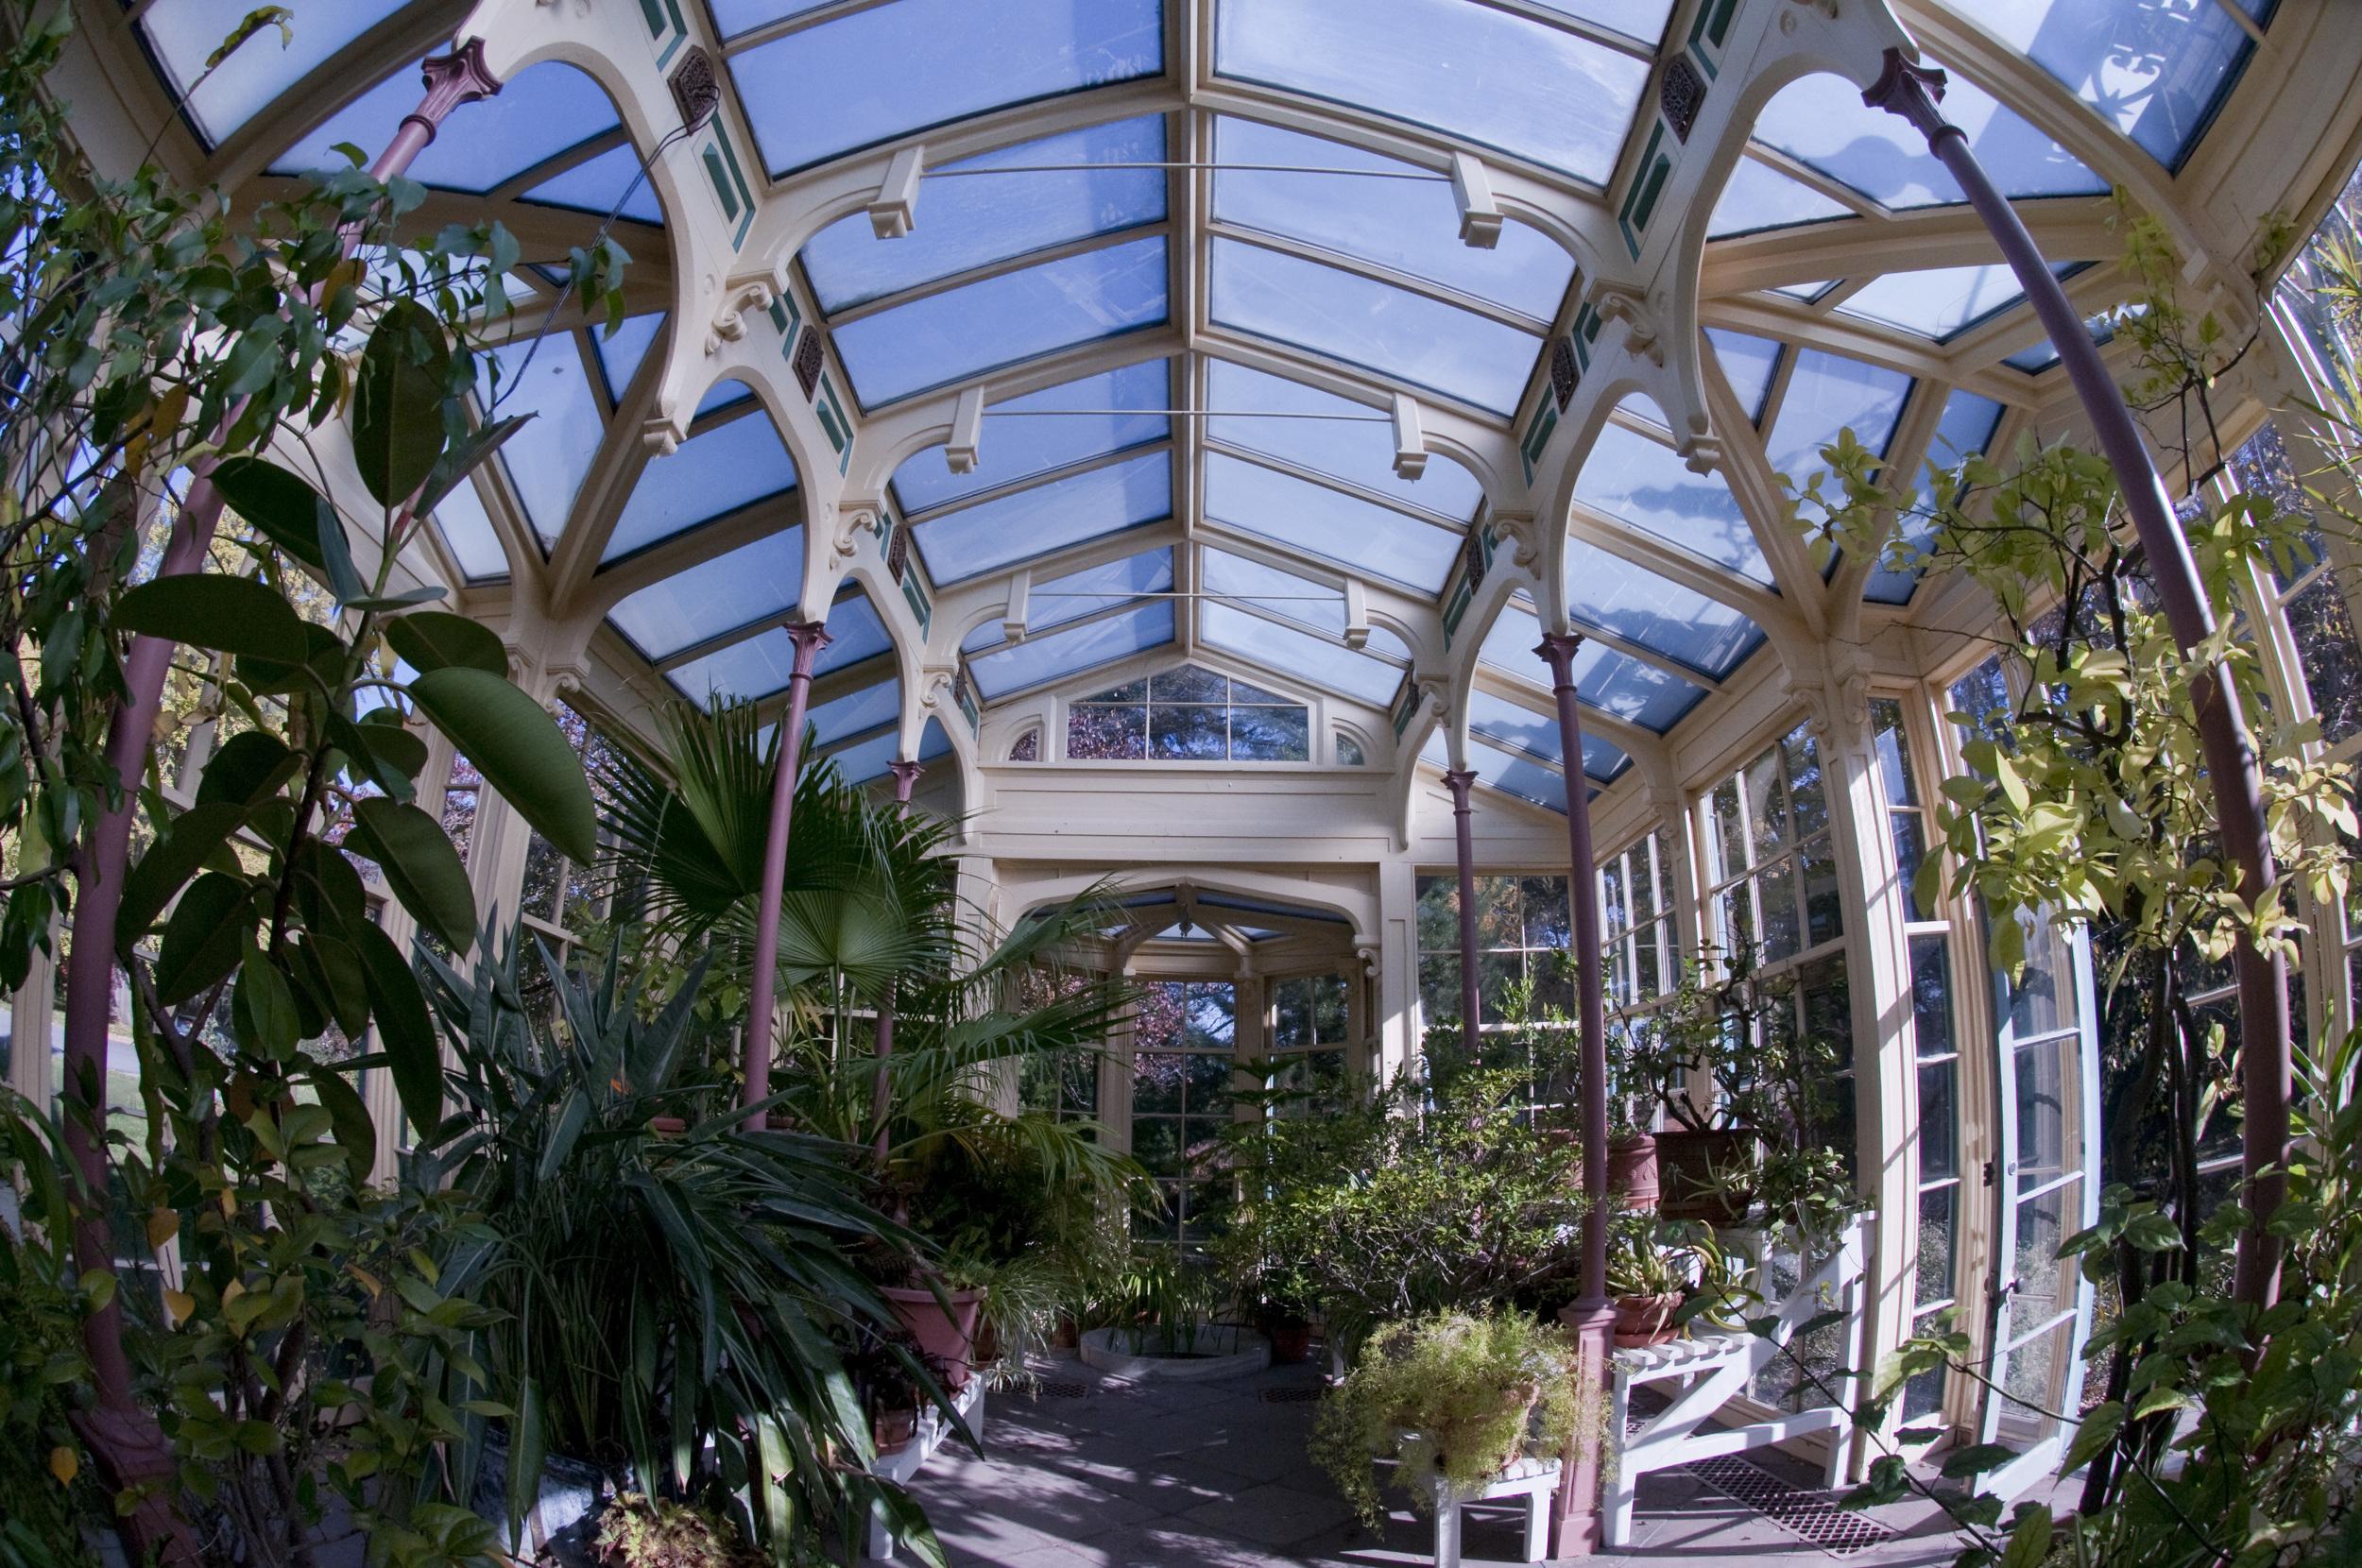 Rockwood Mansion conservatory